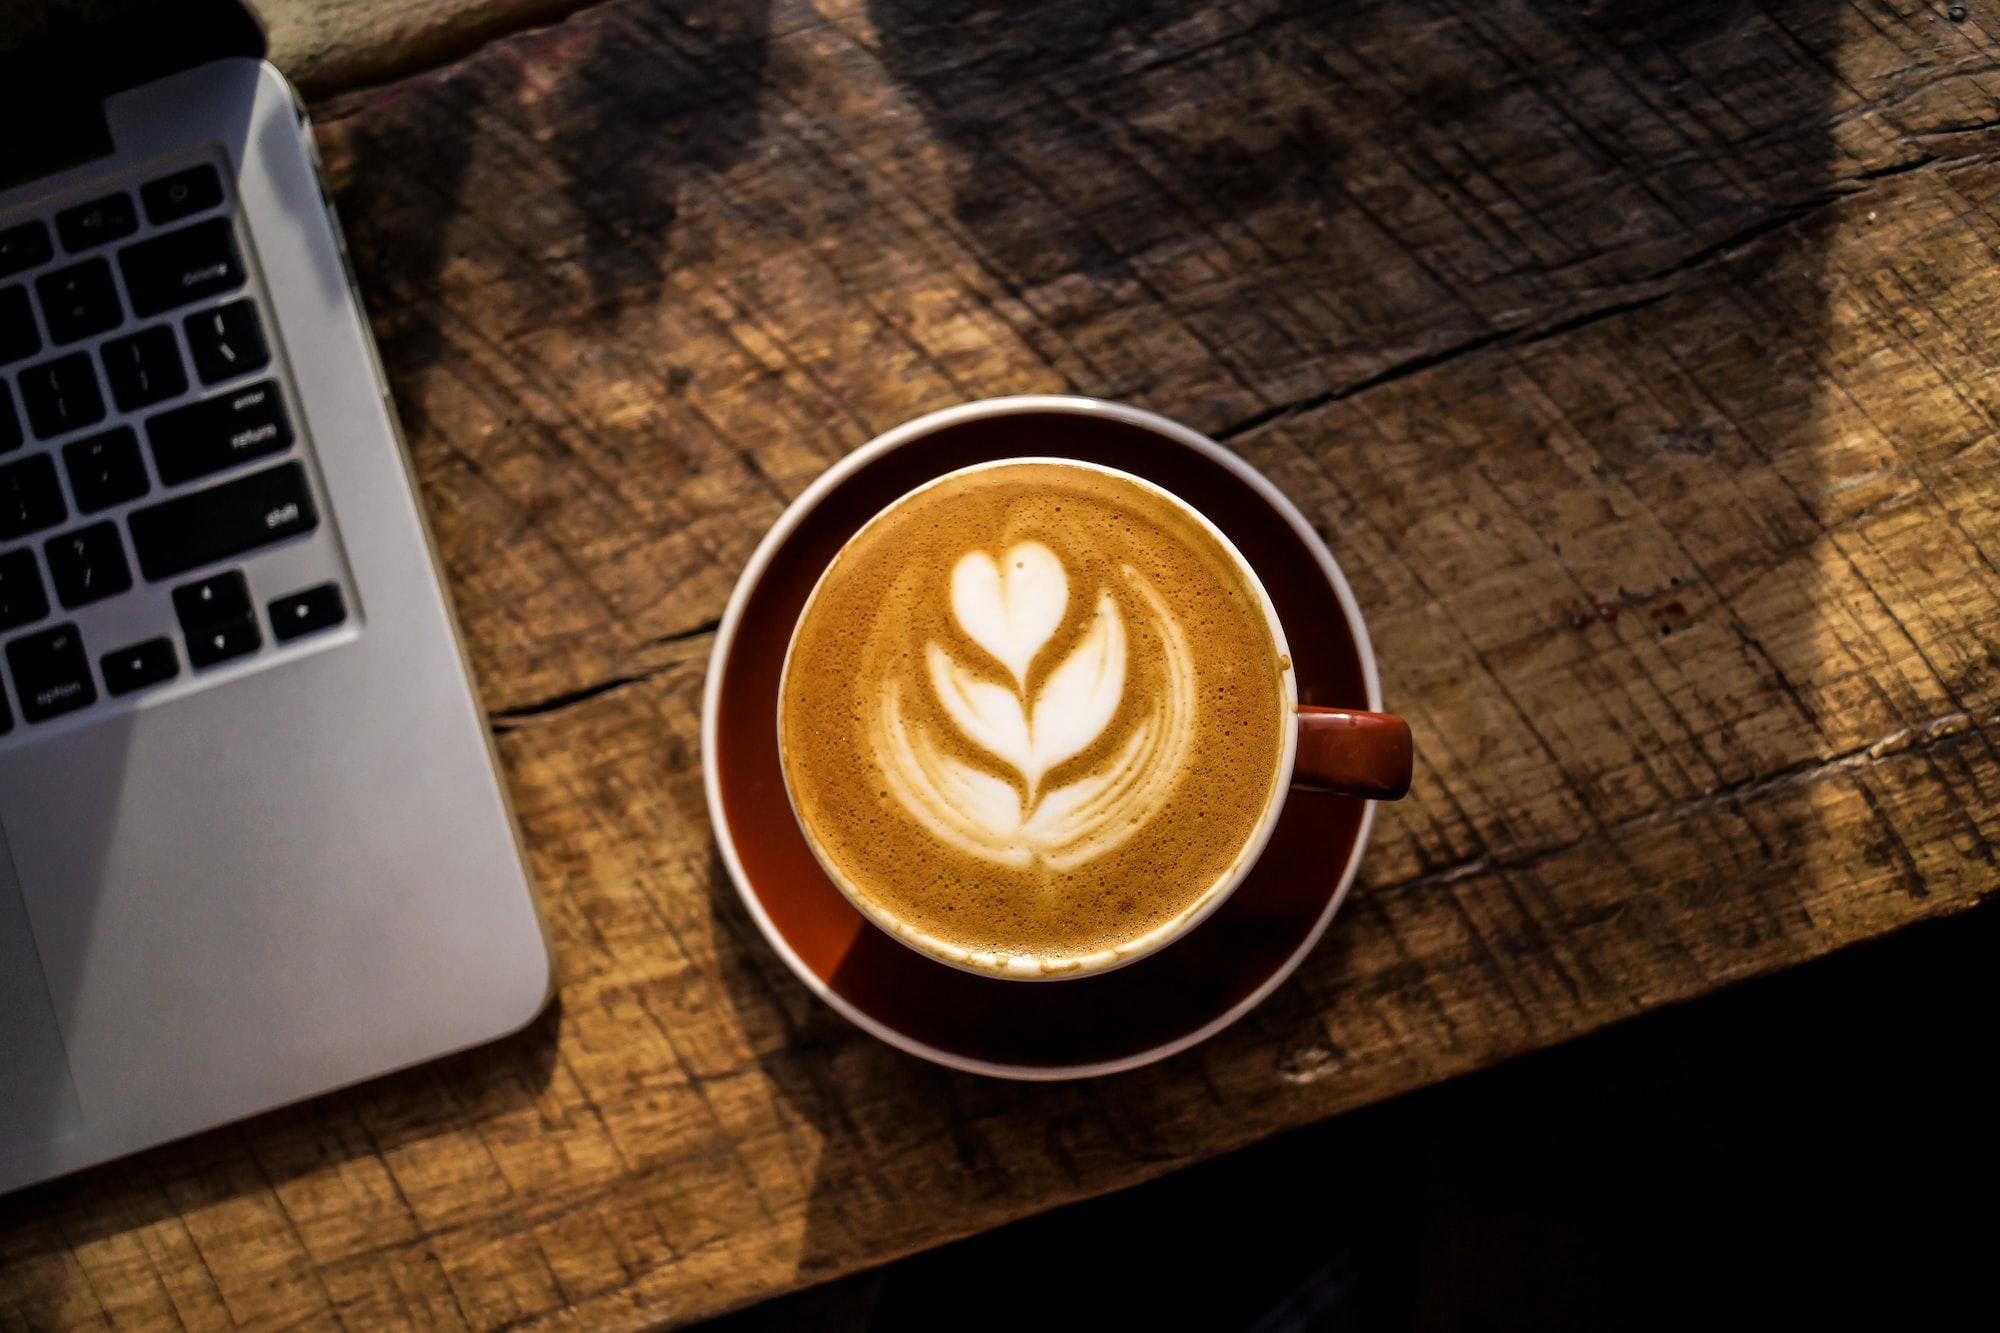 一杯Tim Hortons咖啡差点要了命